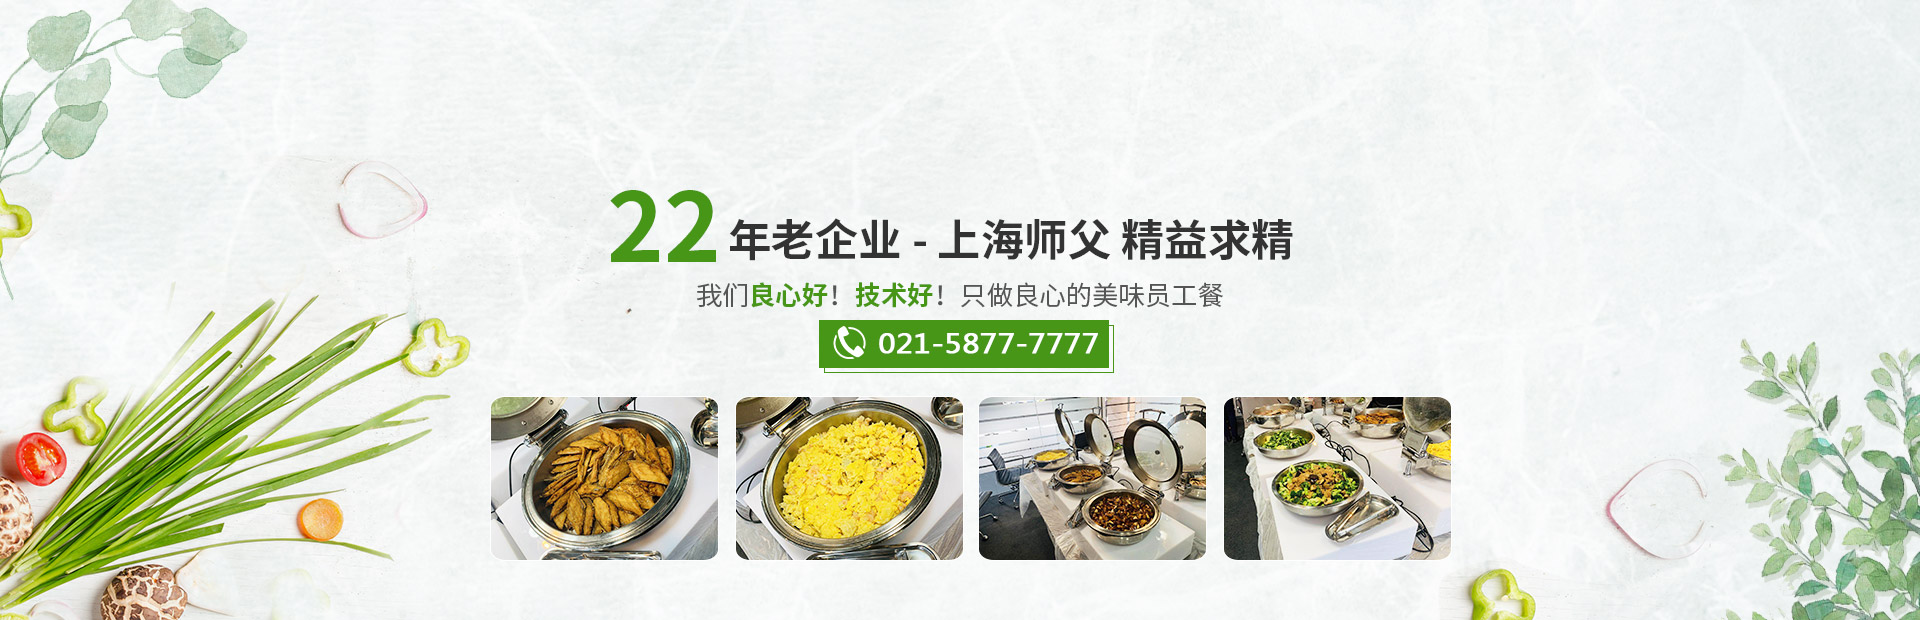 上海佳宴餐饮服务有限公司